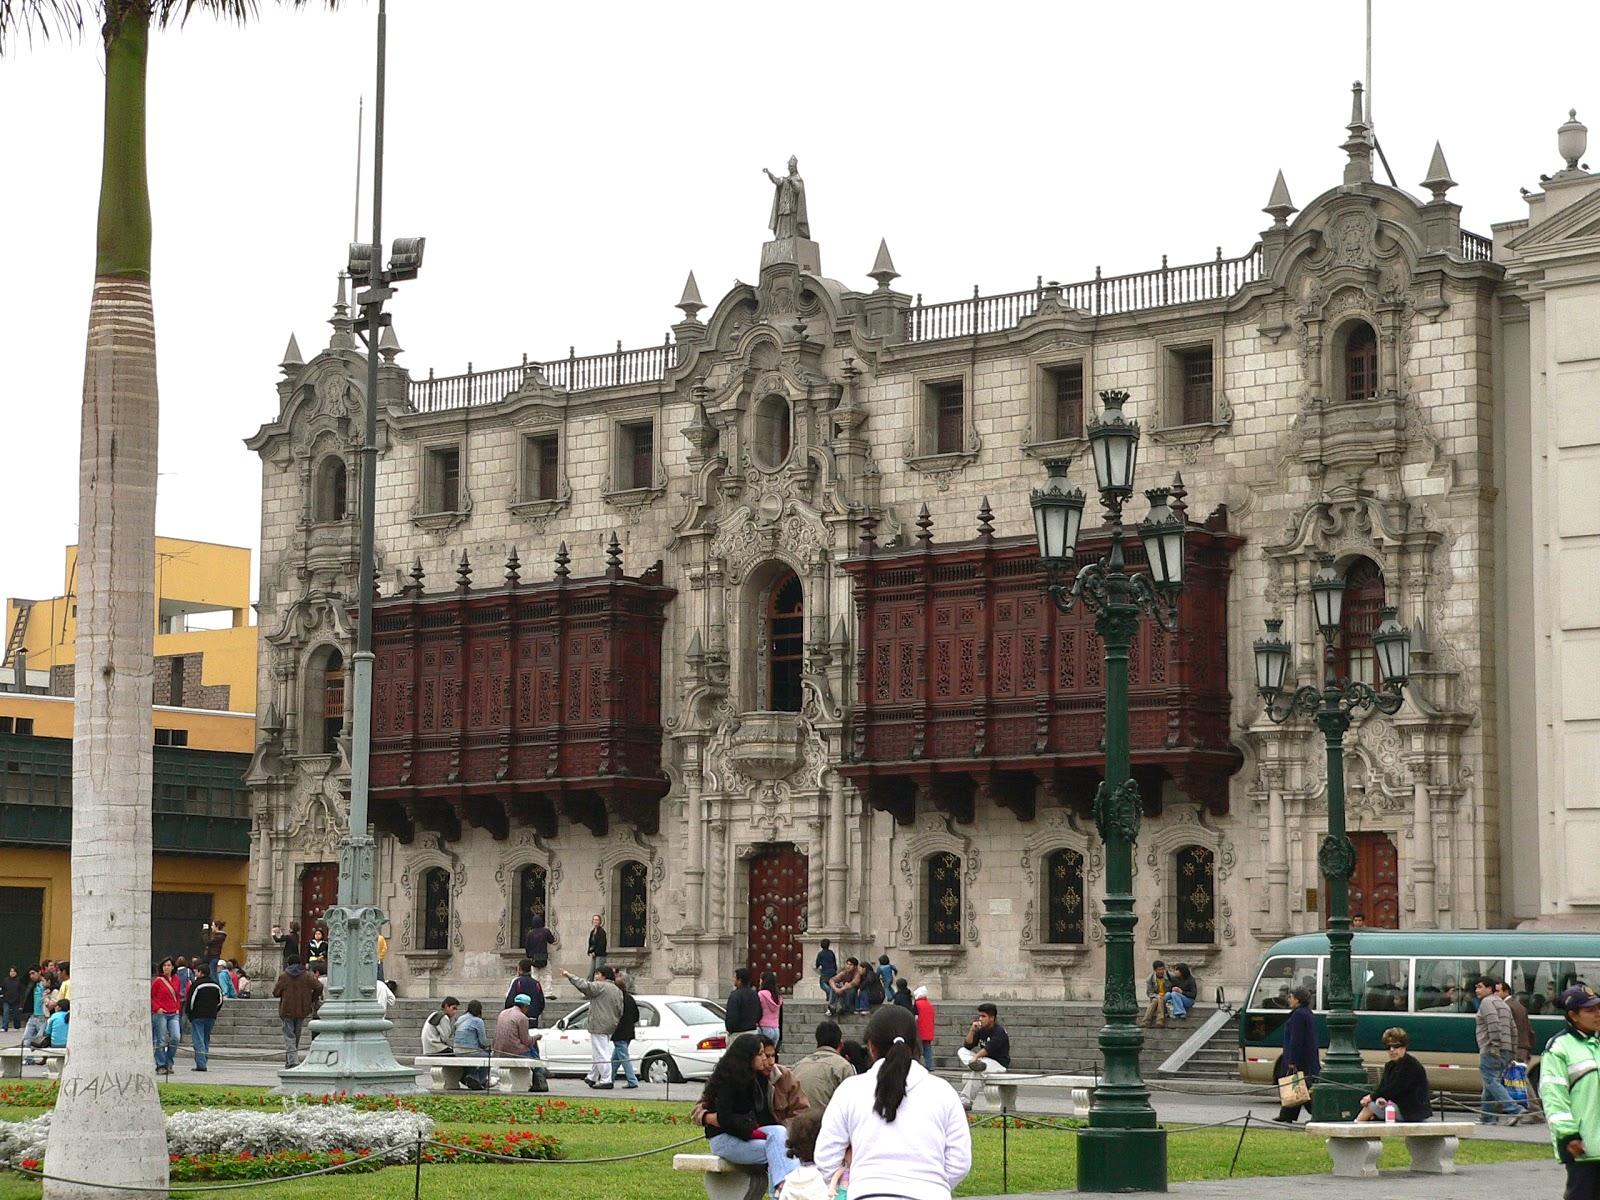 DIVAGAR SOBRE TUDO UM POUCO: Peru La República del Peru #7E6C4D 1600x1200